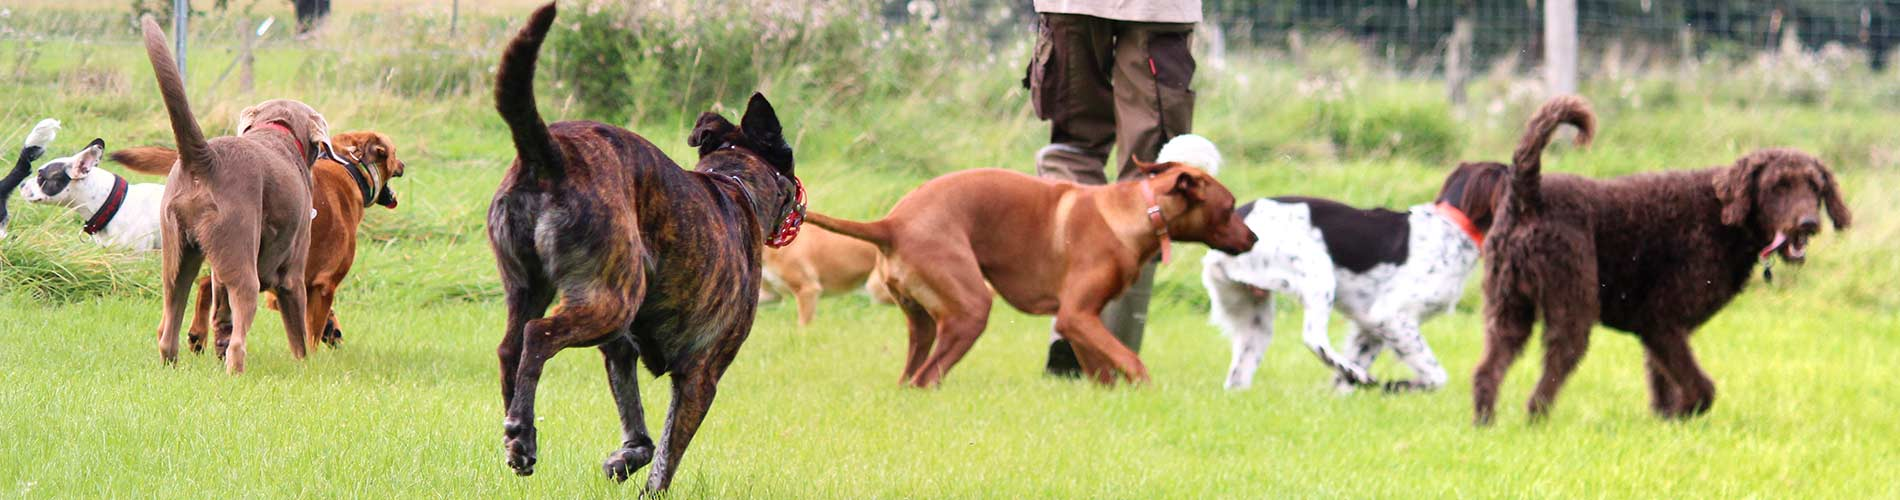 Freilauf mit vielen Hunden - Hundebetreuung Zehengaenger